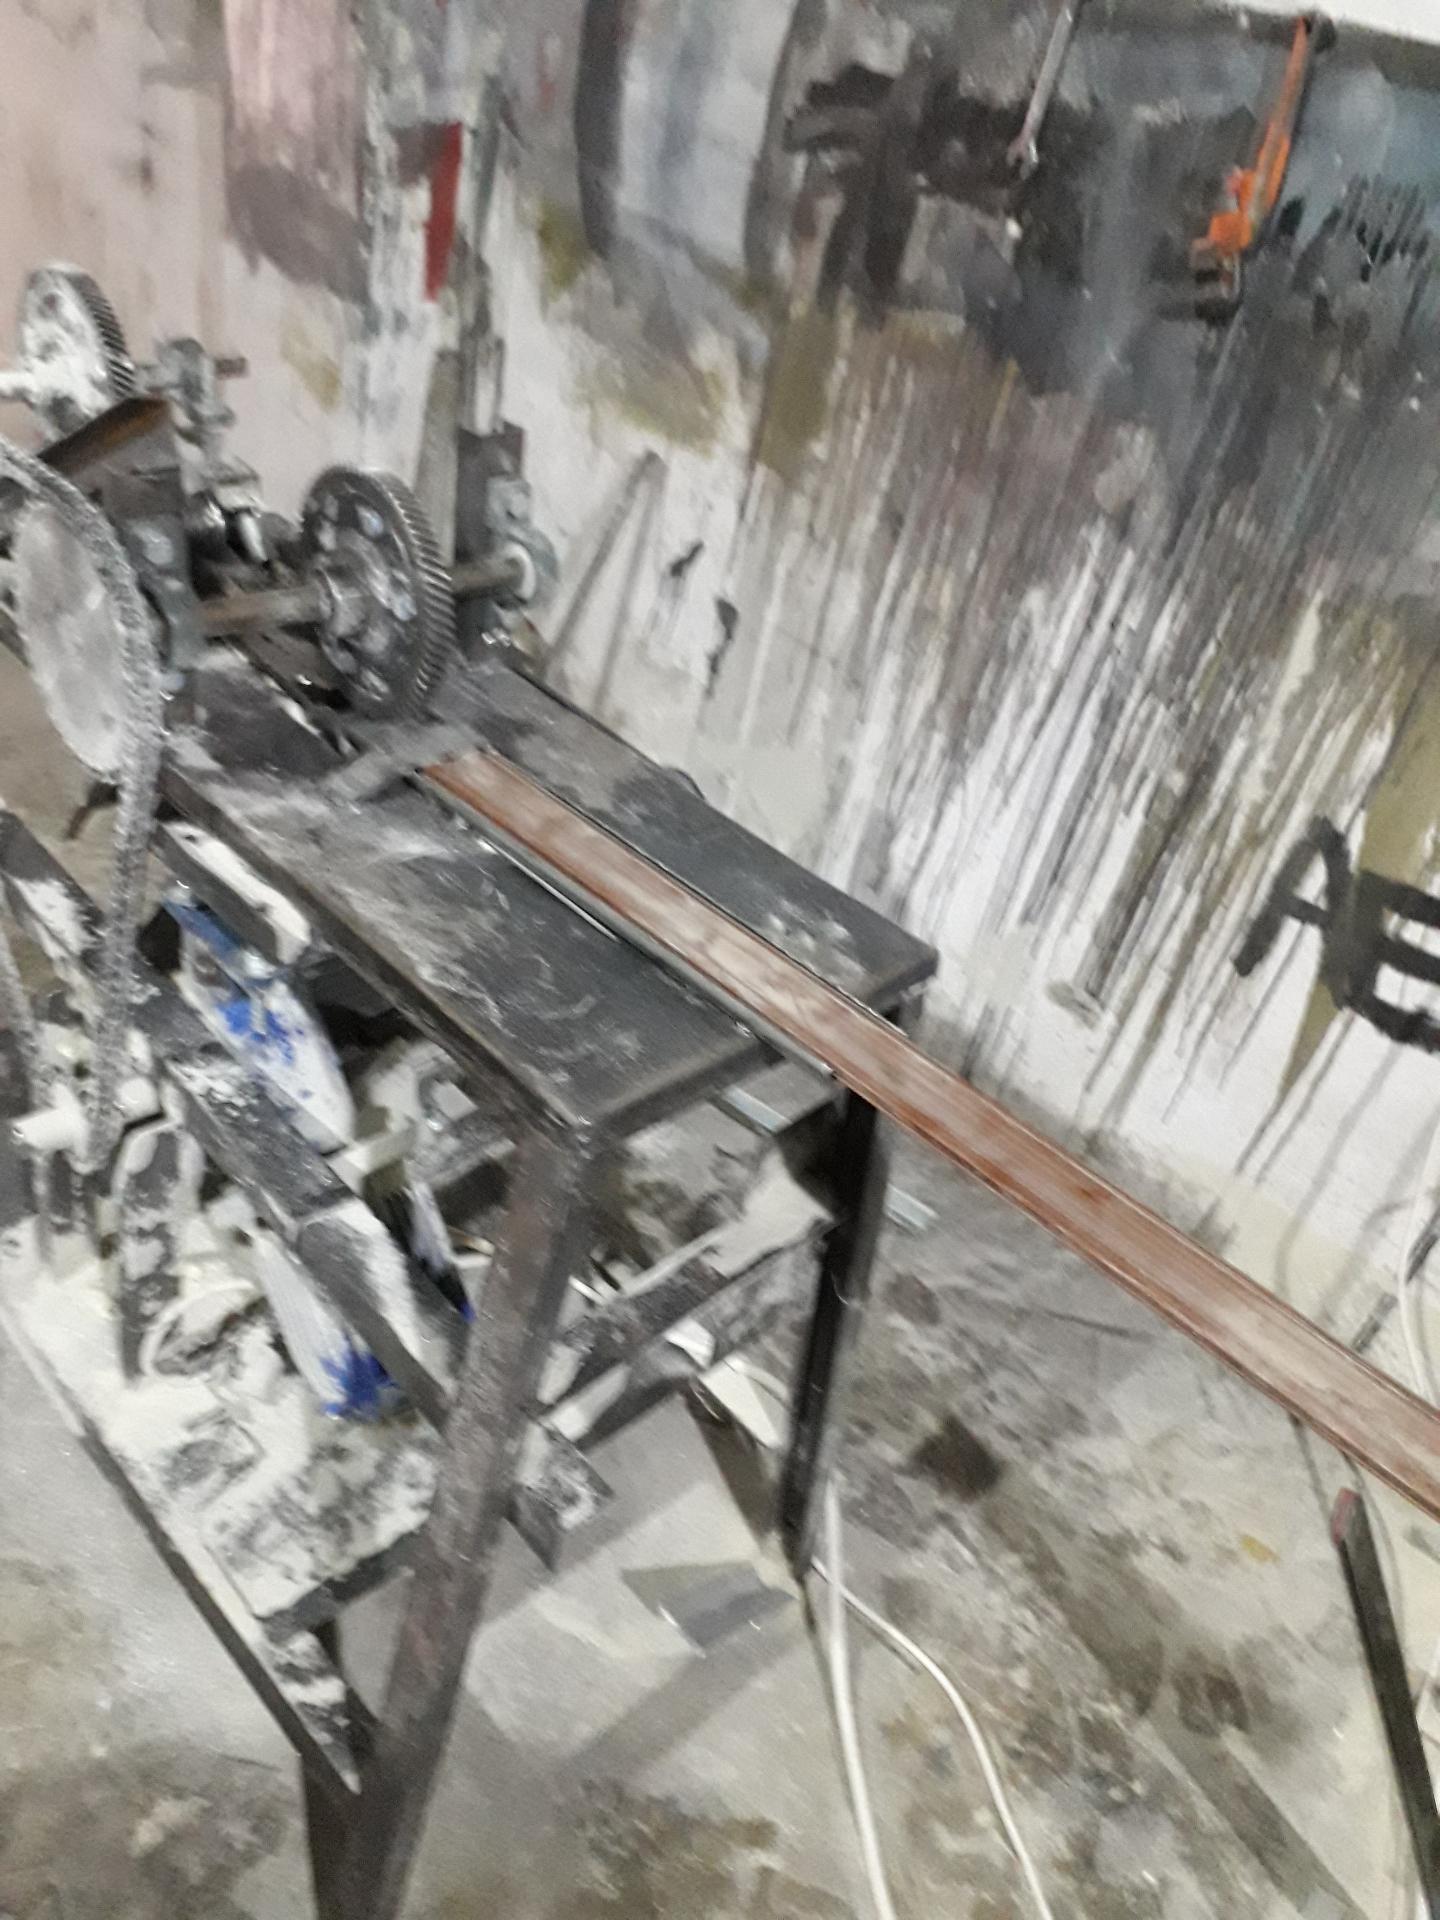 شركة النور للصيانة، نقوم بصيانة جميع انواع المكيفات والثلاجات والغسالات والبوتوجازا�-  ماكينه تنظيف اباجور...